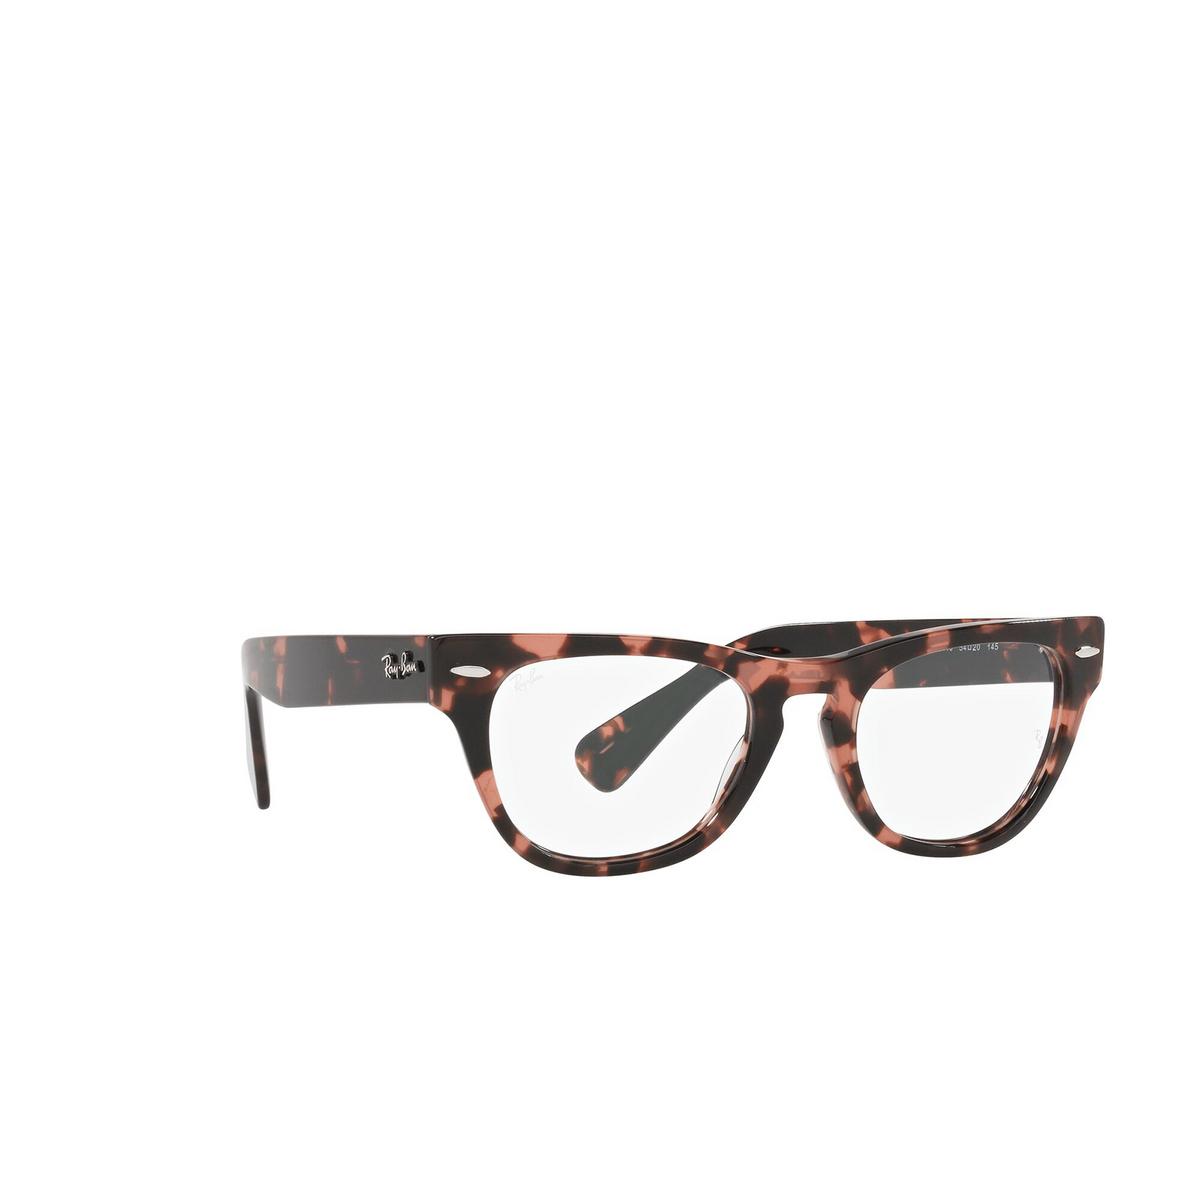 Ray-Ban® Cat-eye Eyeglasses: Laramie RX2201V color Pink Havana 8118 - three-quarters view.